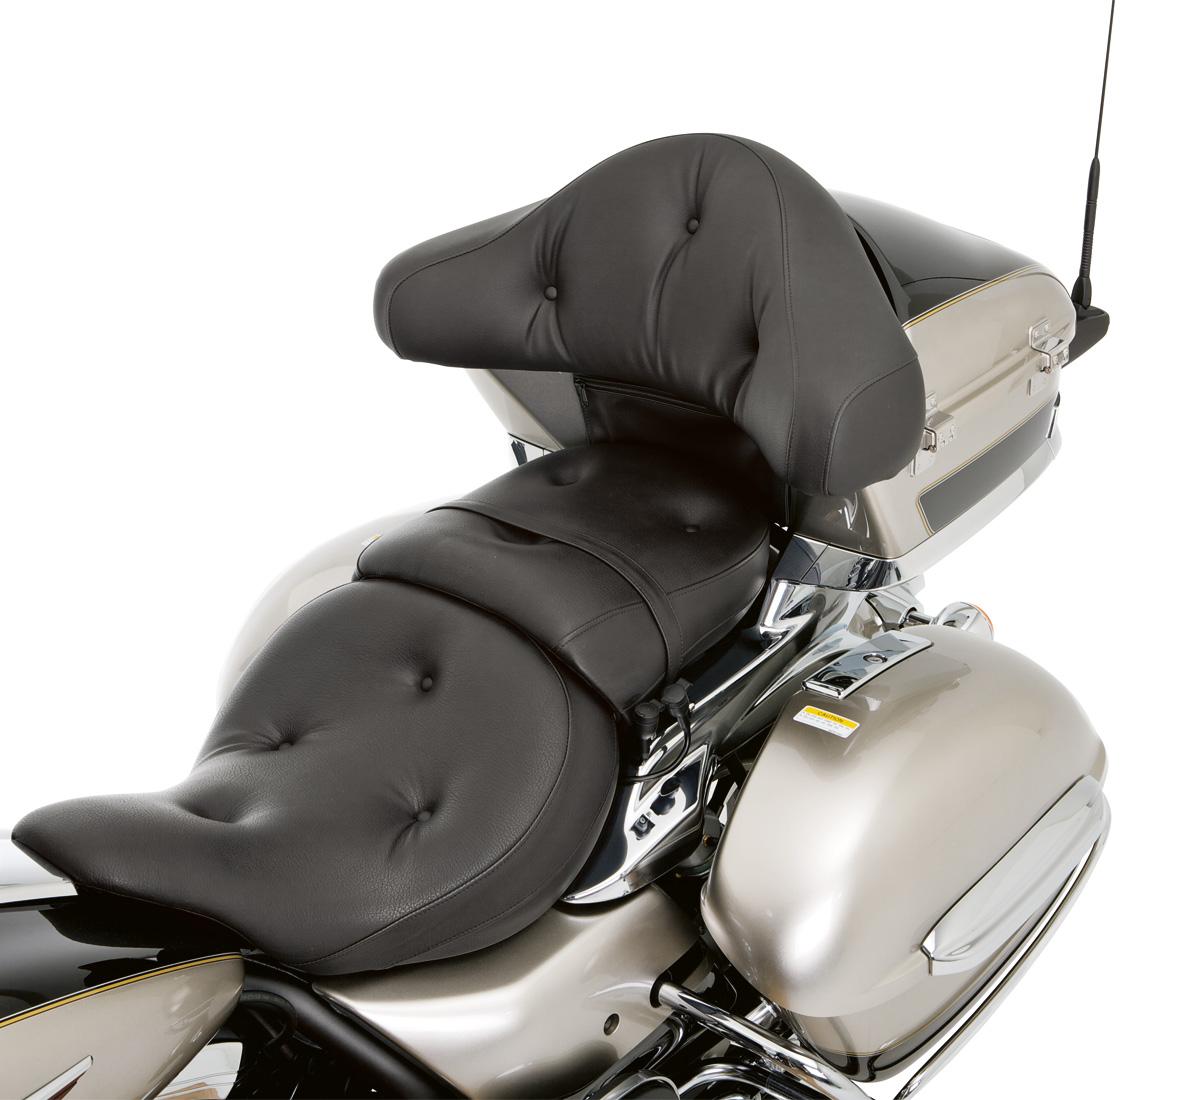 Kawasaki Vulcan  Voyager Accessories